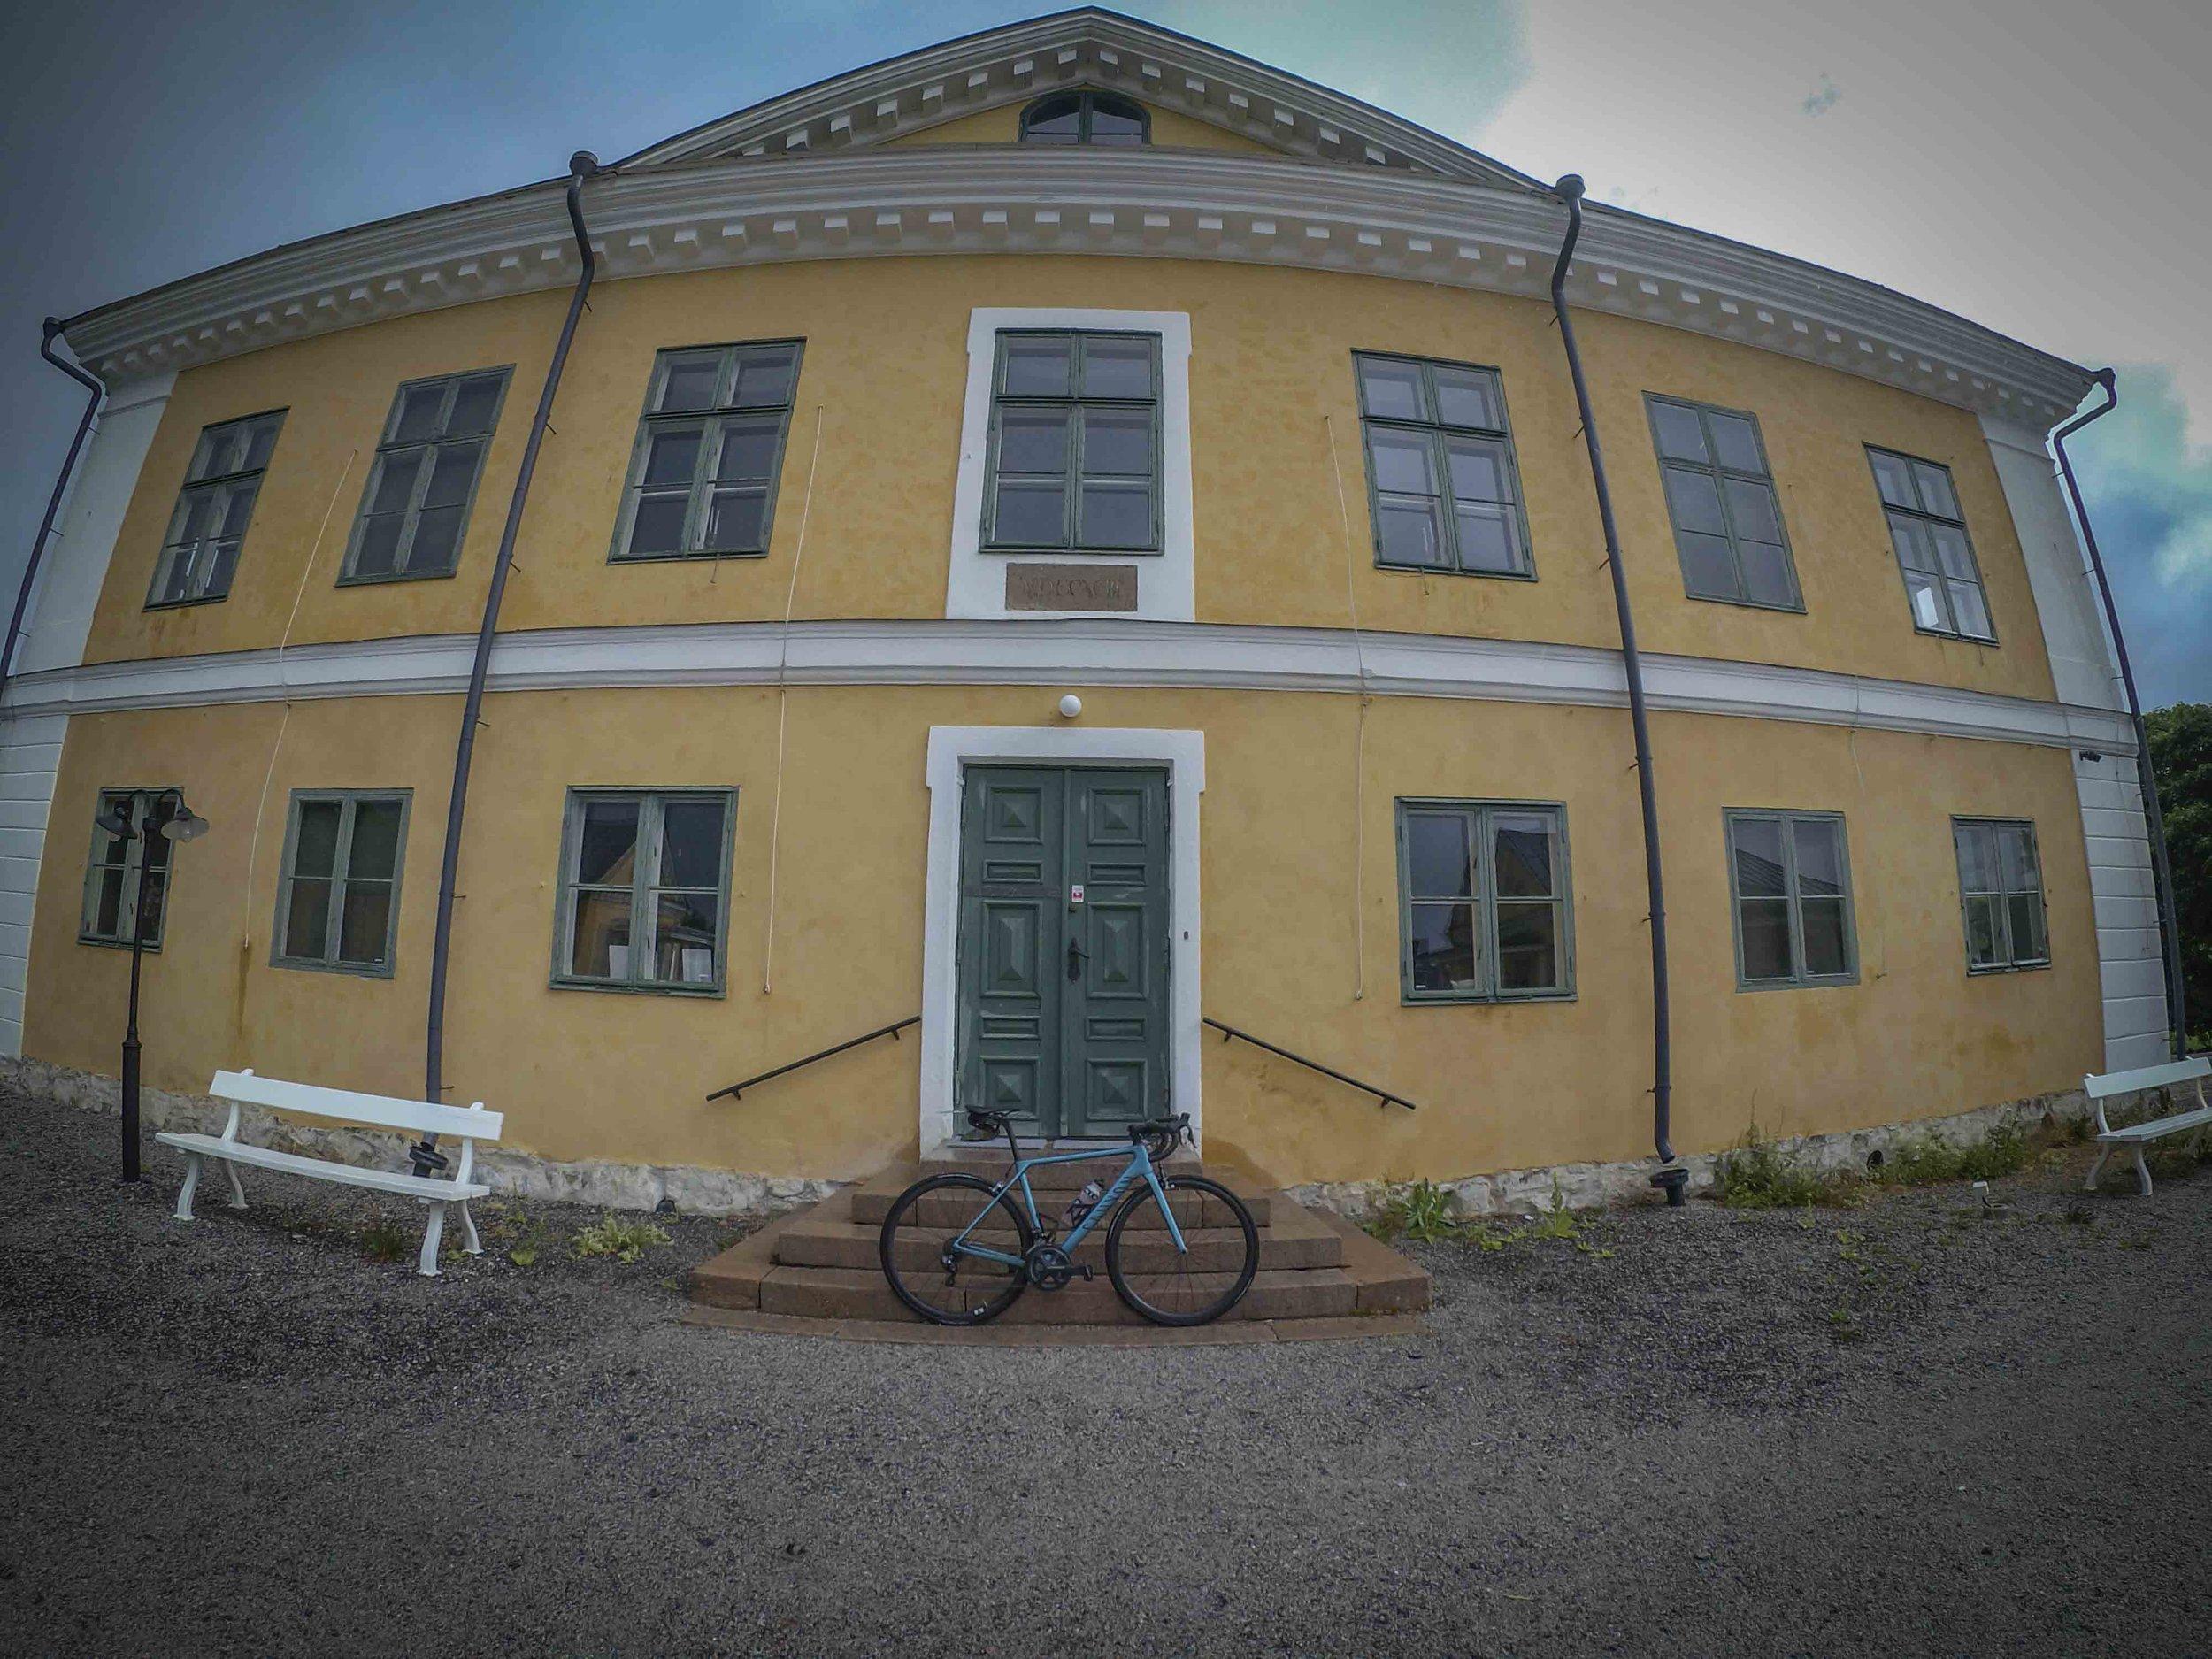 Midsummer at Hovimäki.